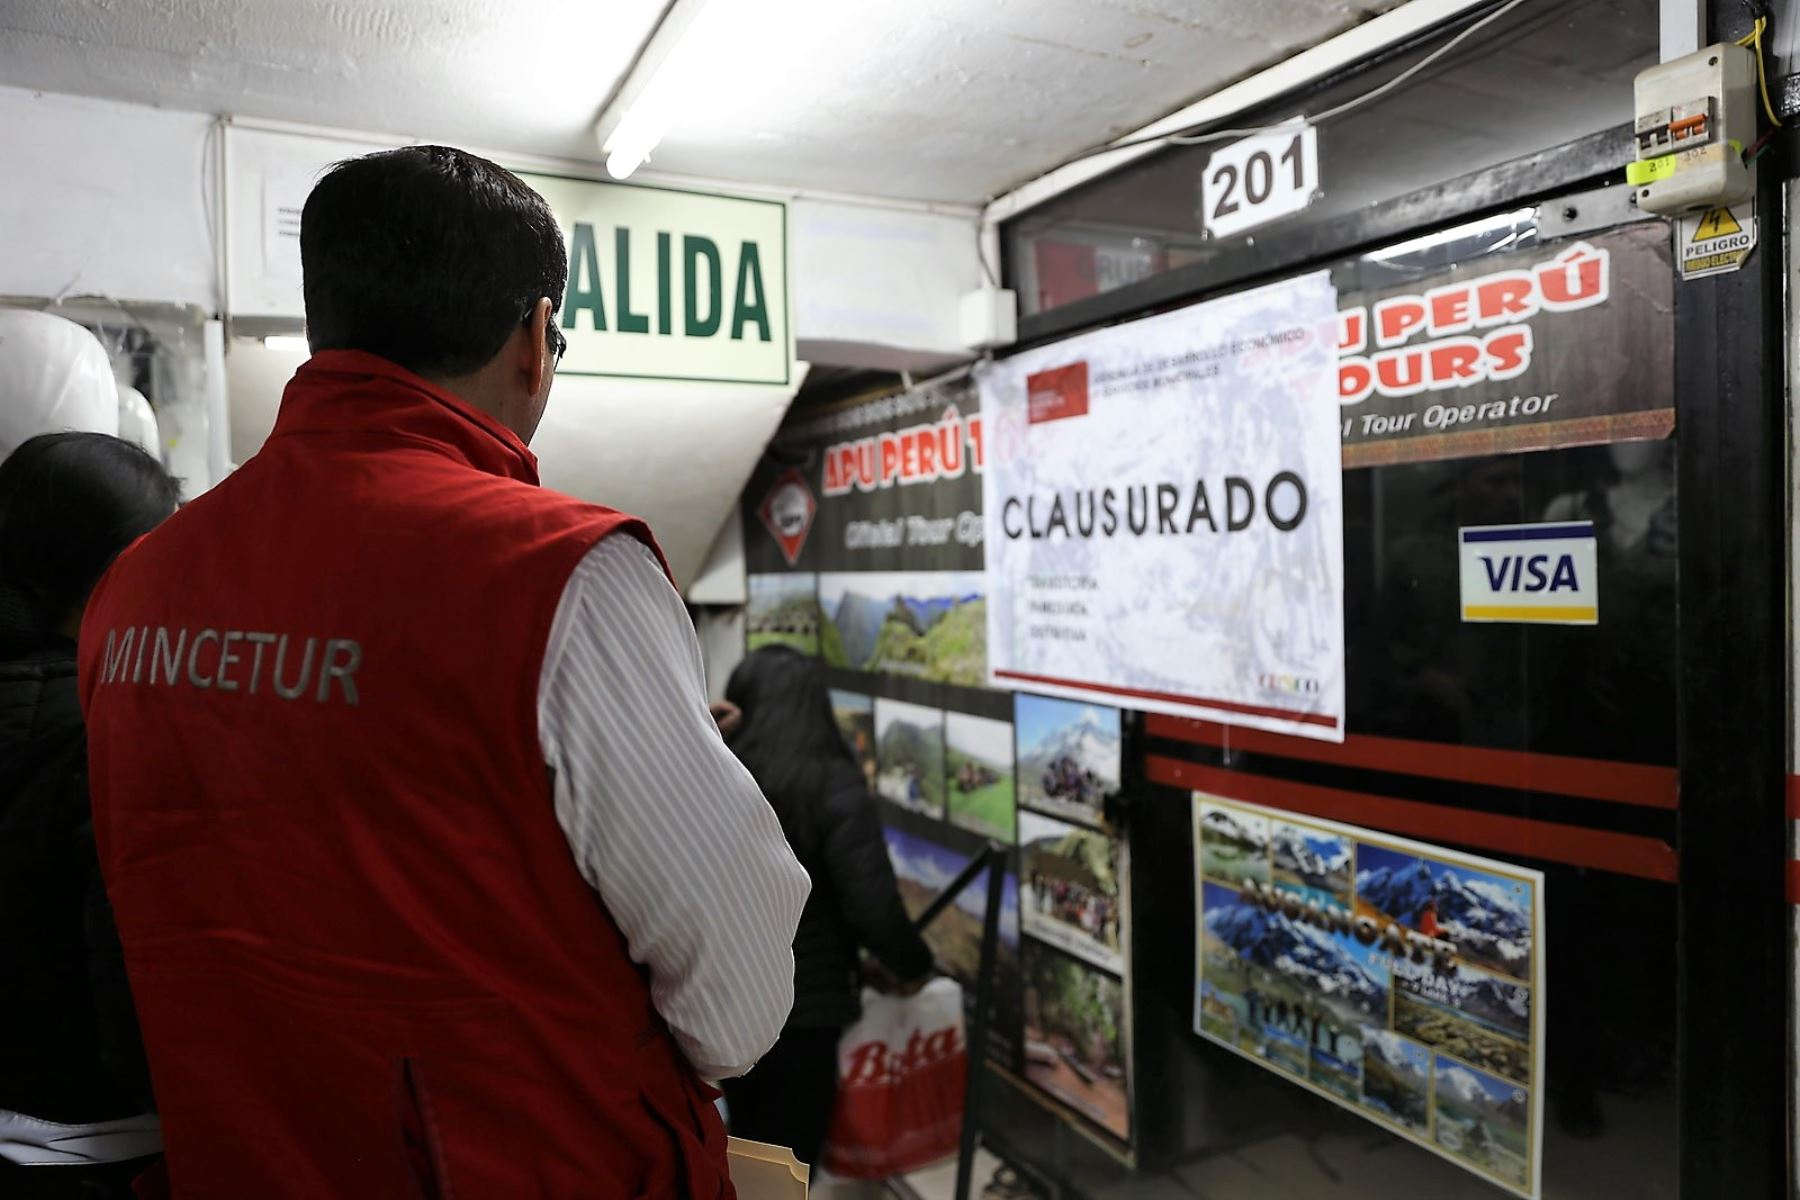 Mincetur lideró acciones de control y sanción contra agencias informales en el Cusco.